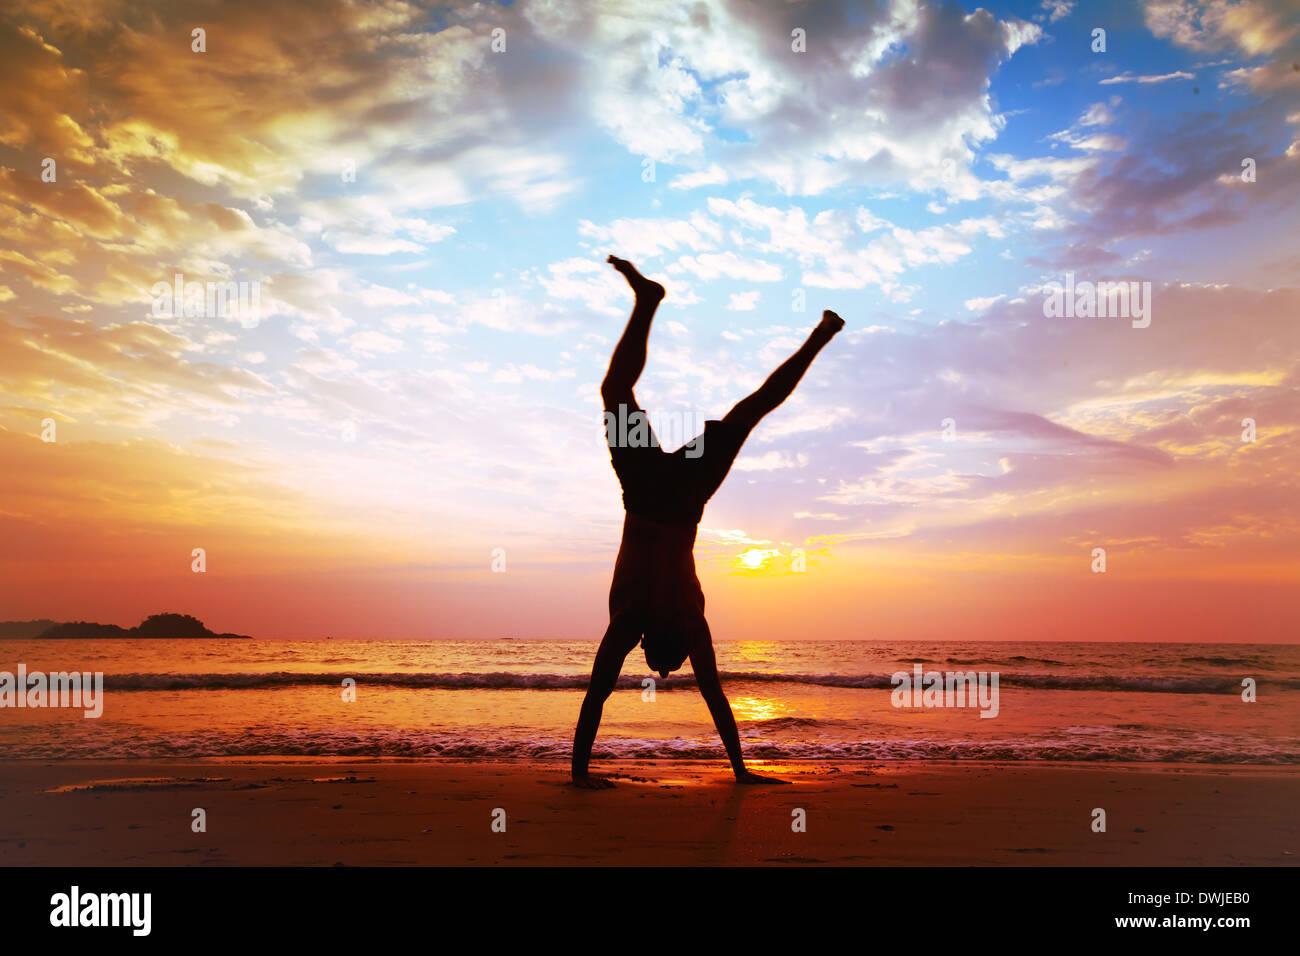 Freiheit und Kreativität, Mann springt am Strand Stockbild